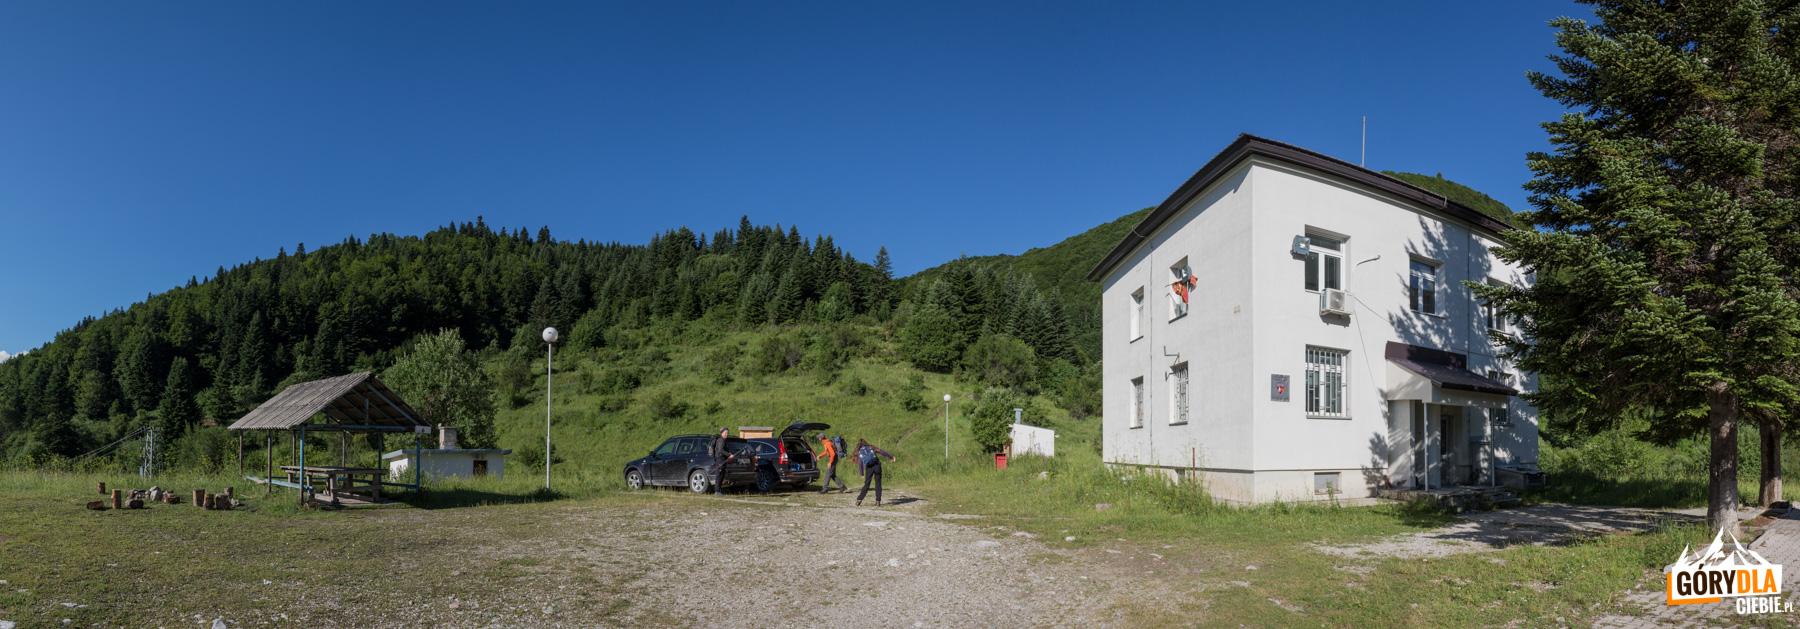 Parking przy posterunku Policji Granicznej w Strezimir